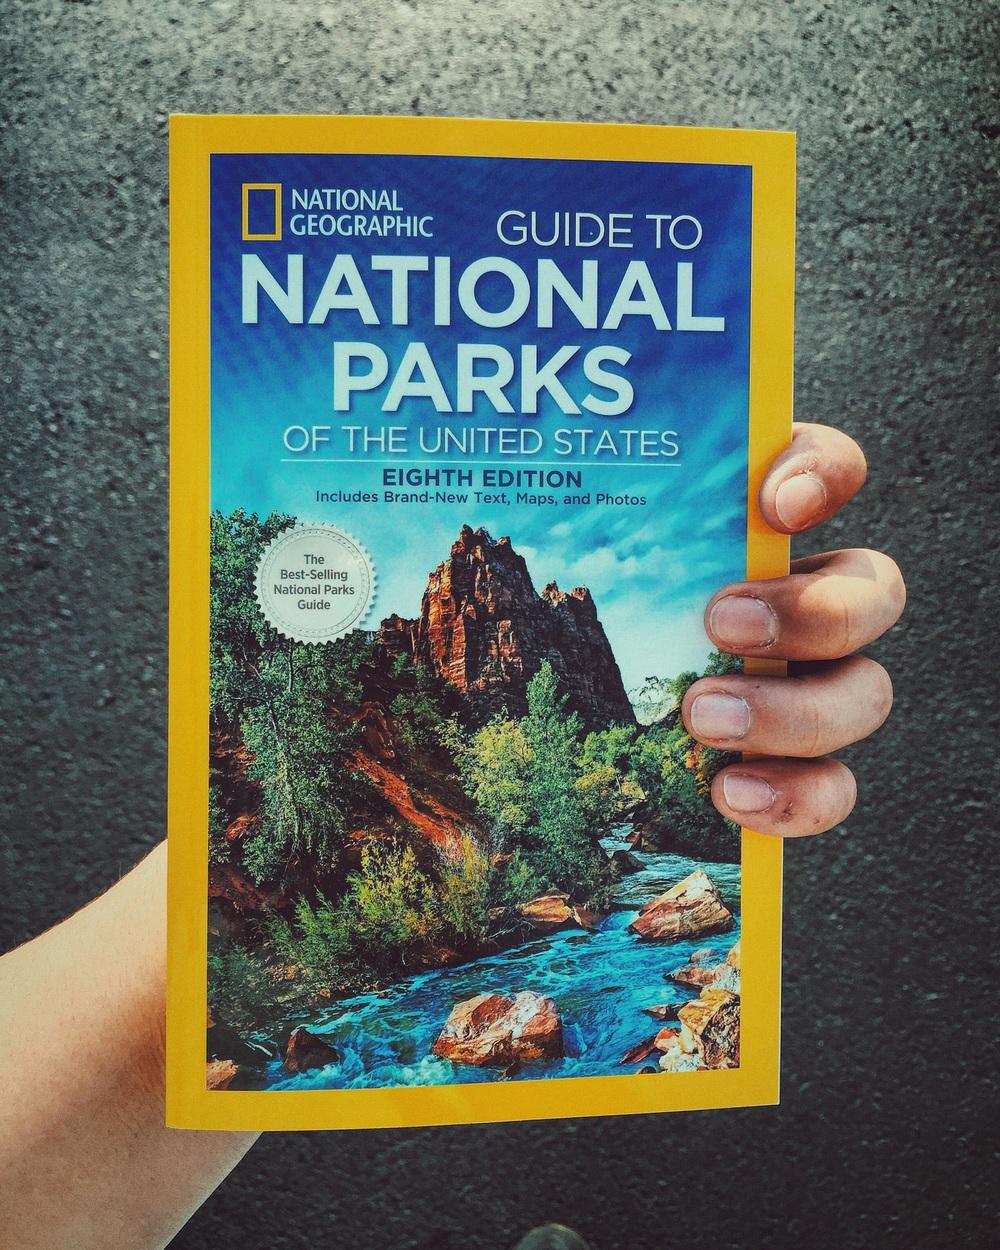 오늘 구입한 내셔널 파크 가이드 북. The National Park guidebook that I purchased today.